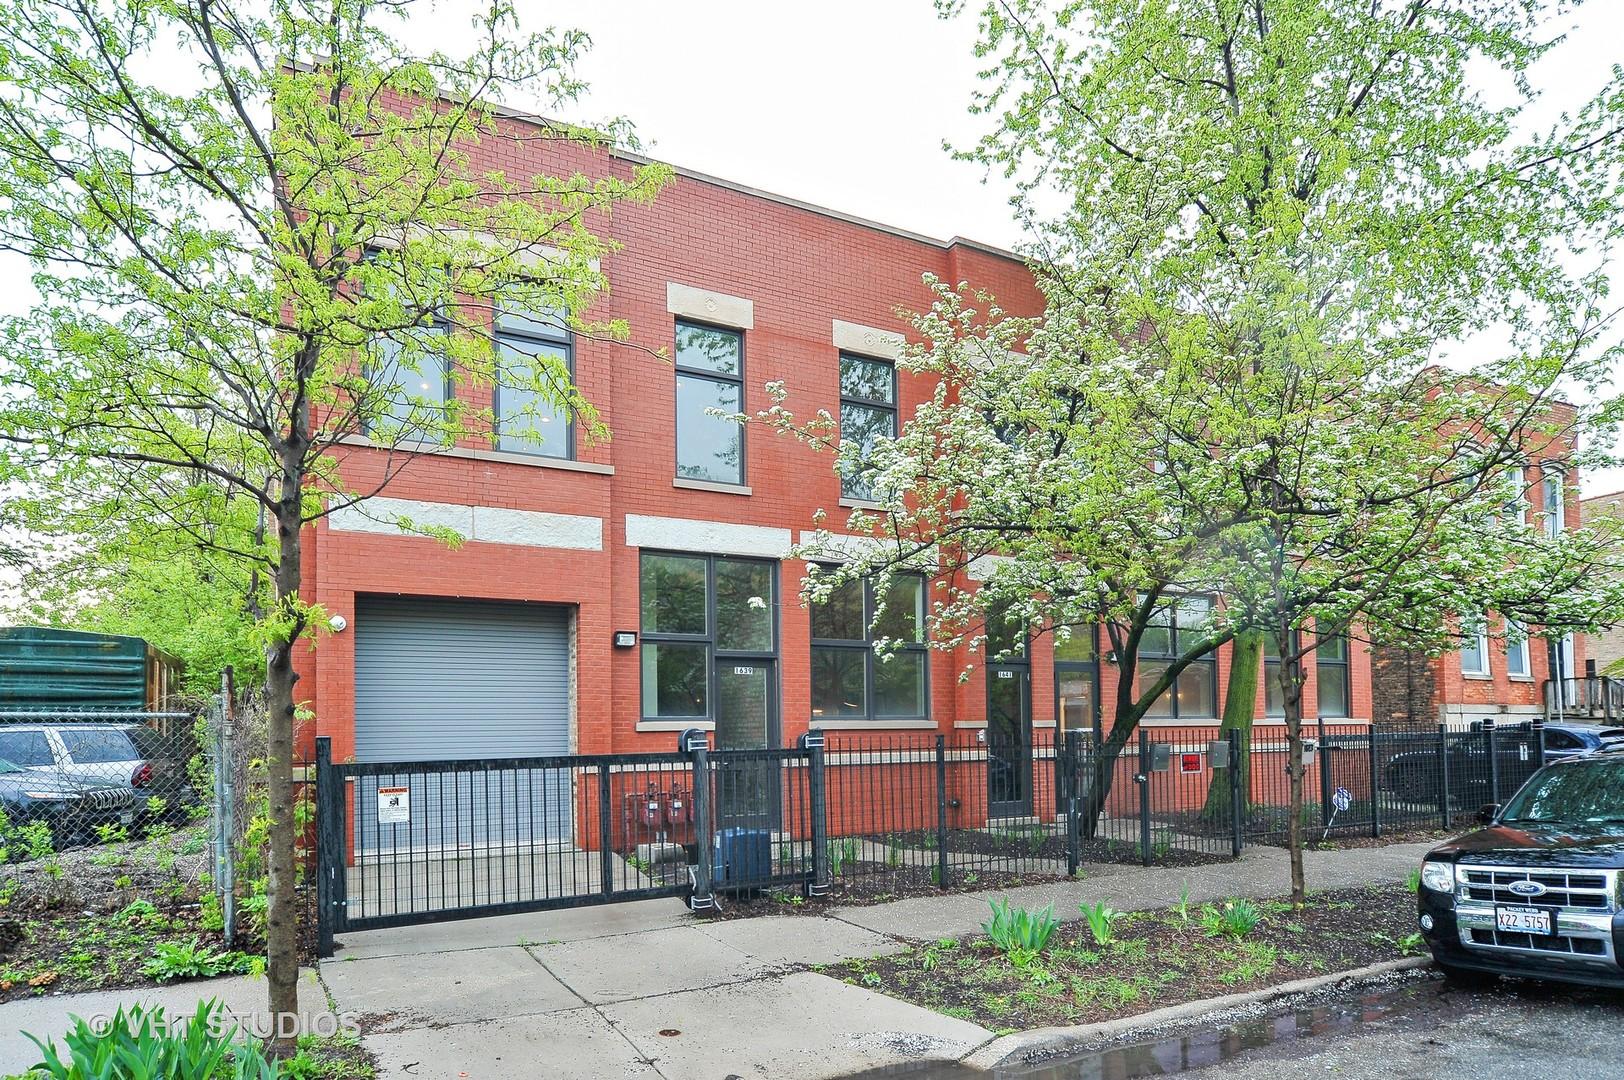 1639 WEST HUBBARD STREET, CHICAGO, IL 60622